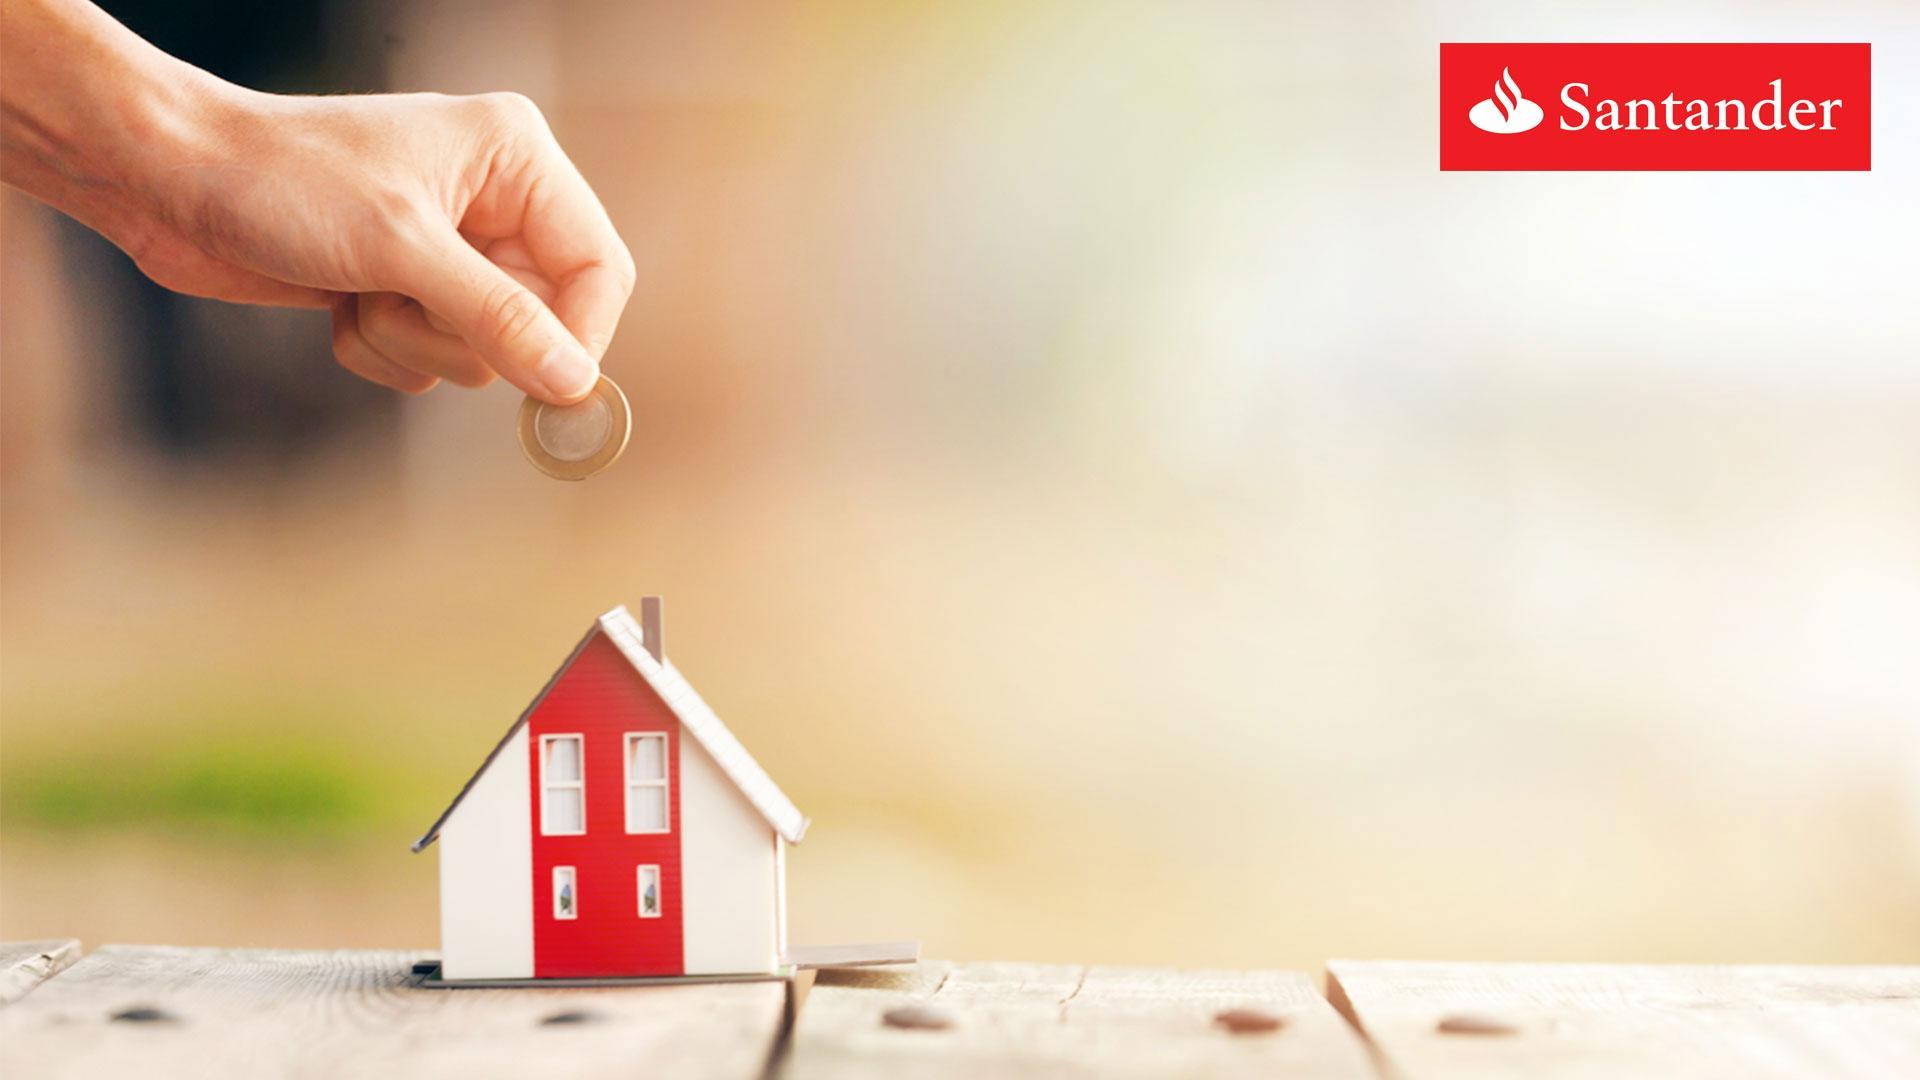 Eternedile permette di realizzare la casa dei sogni!